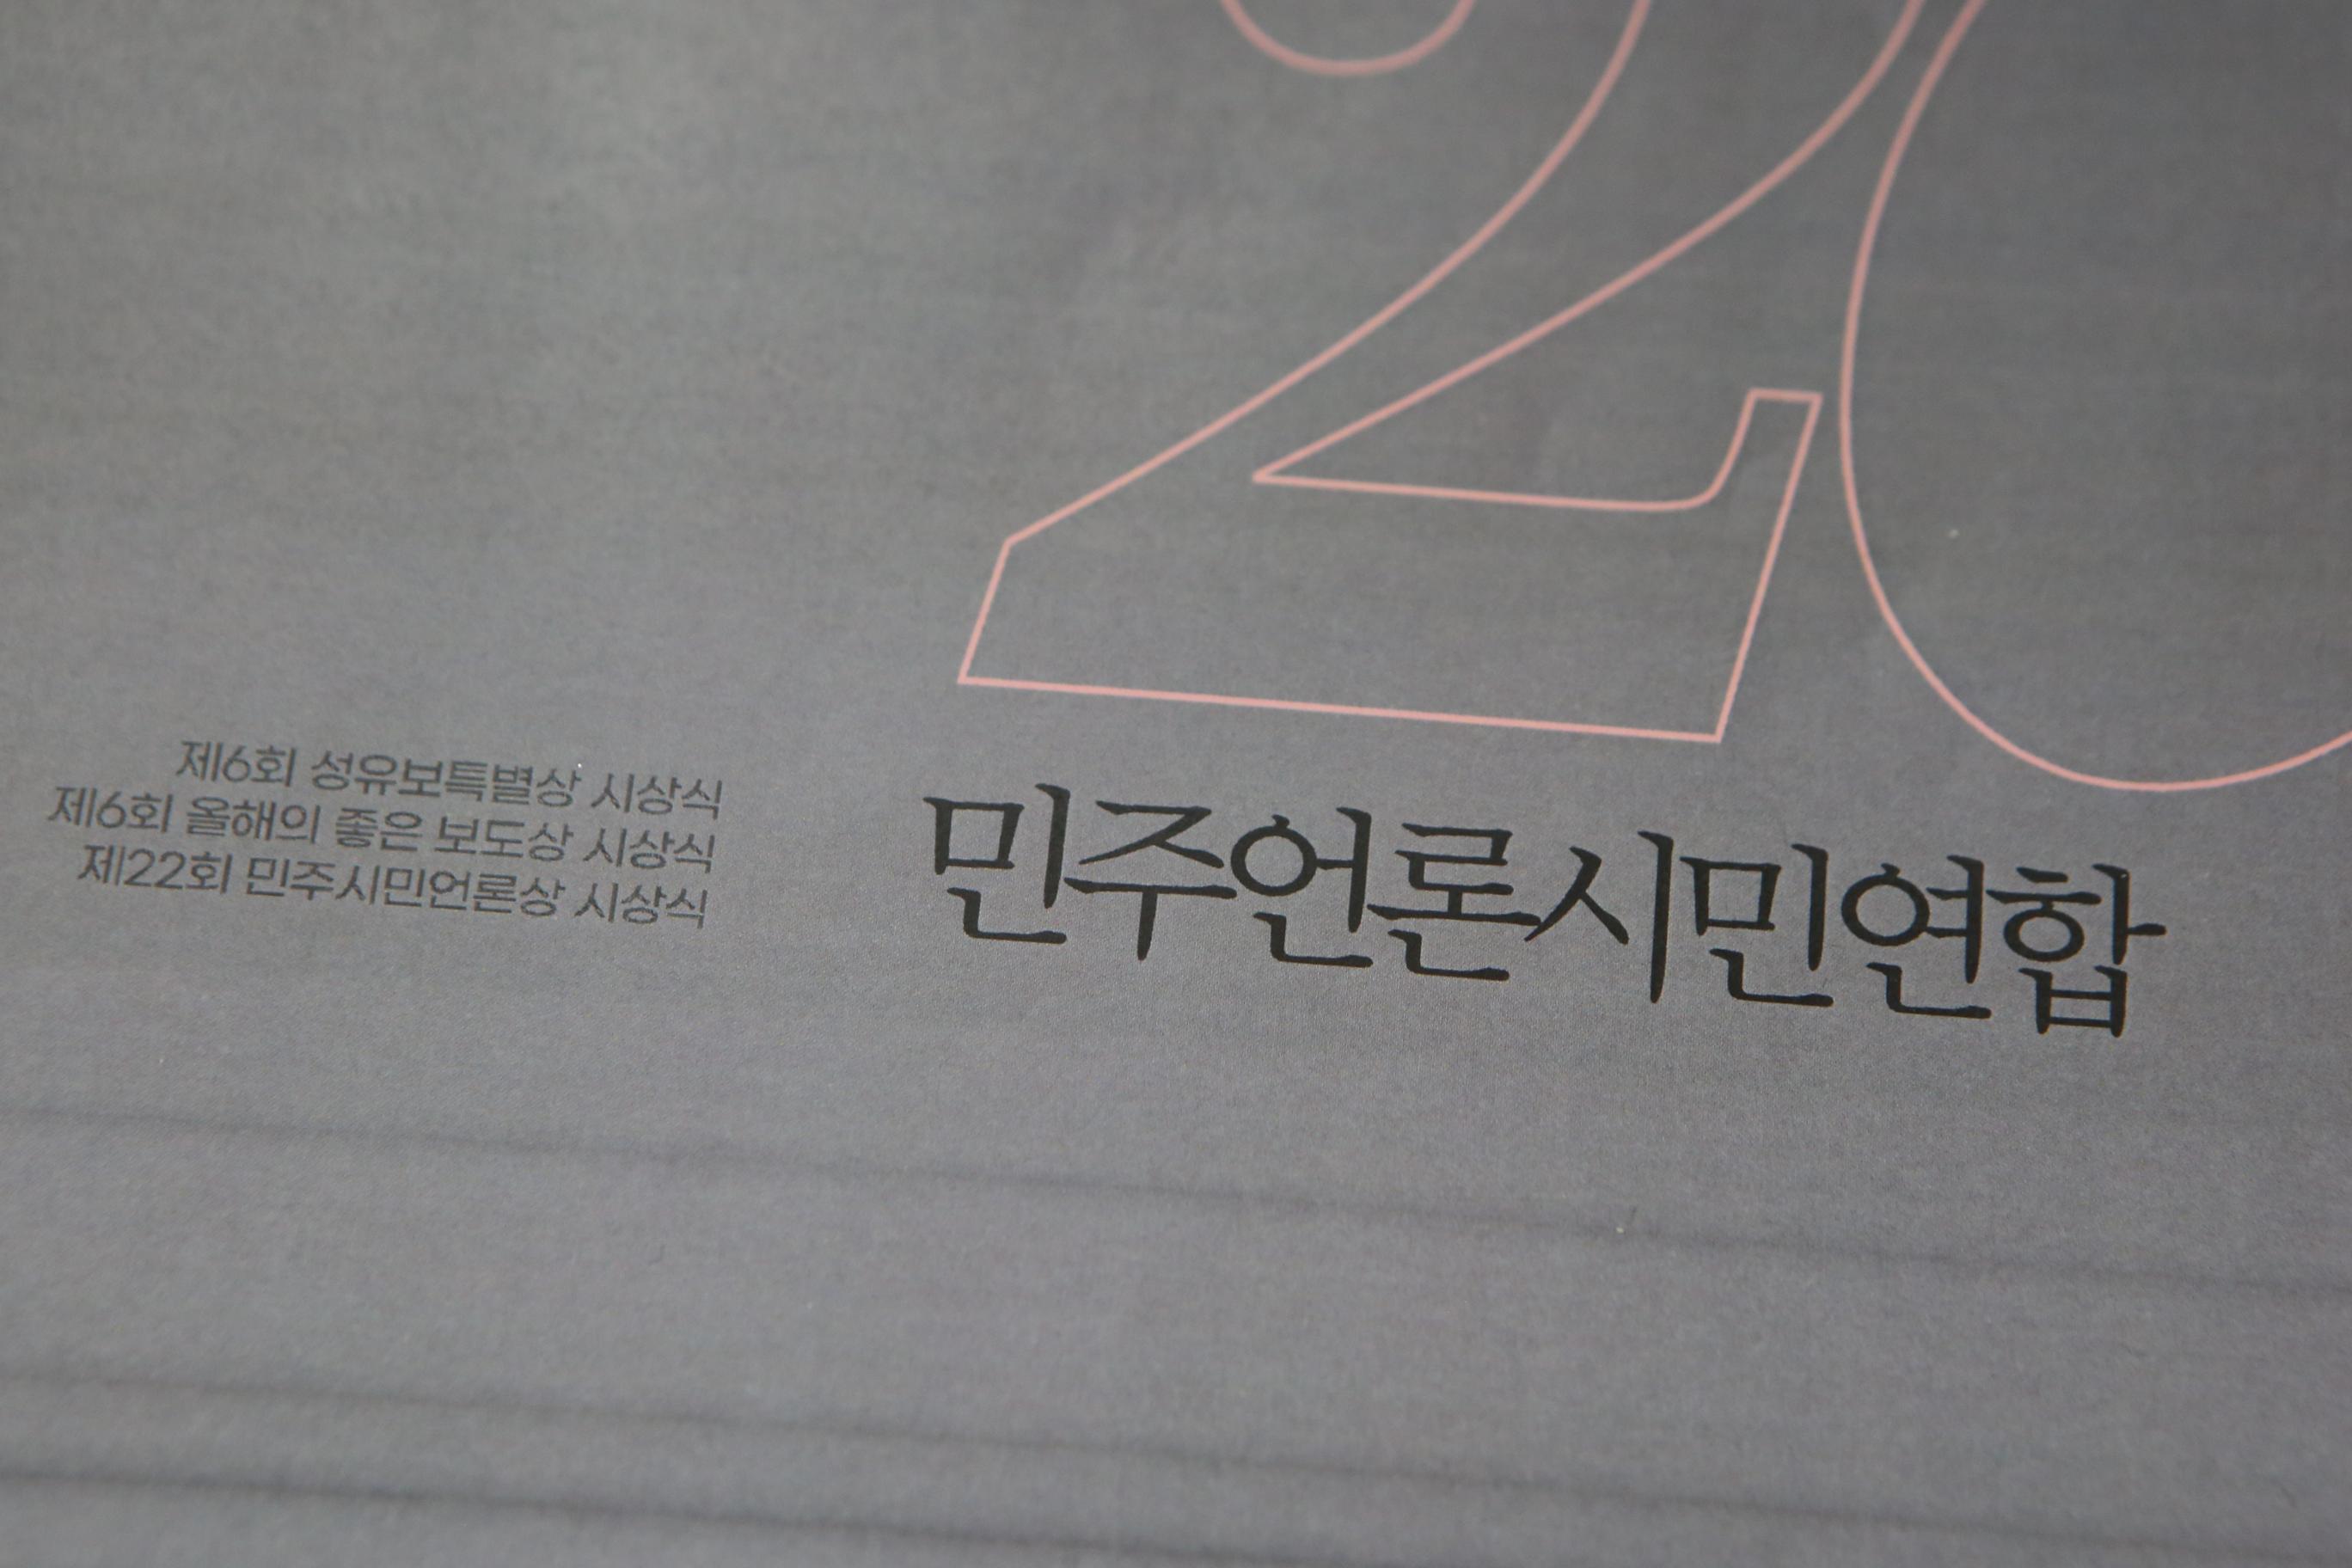 20210121_시상식3종_020.png